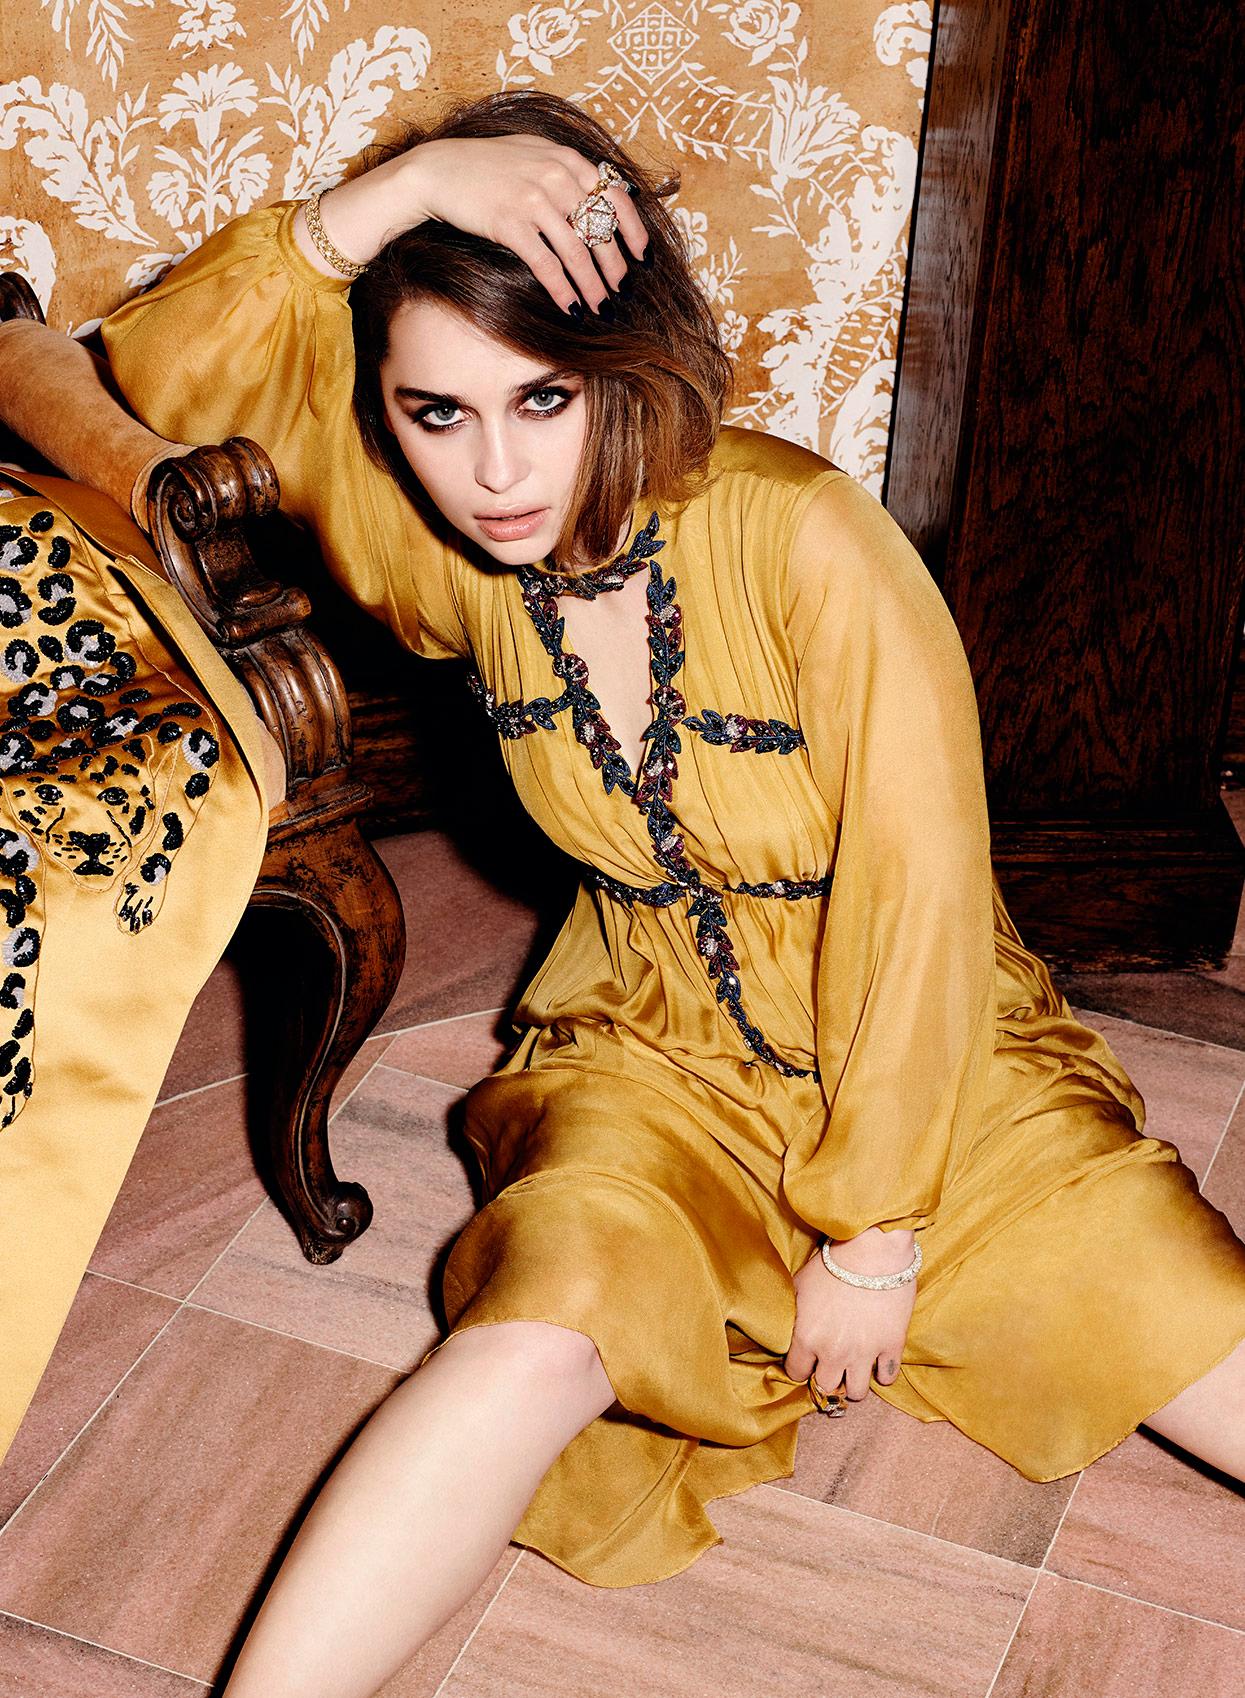 Эмилия Кларк в желтом платье сидит на полу